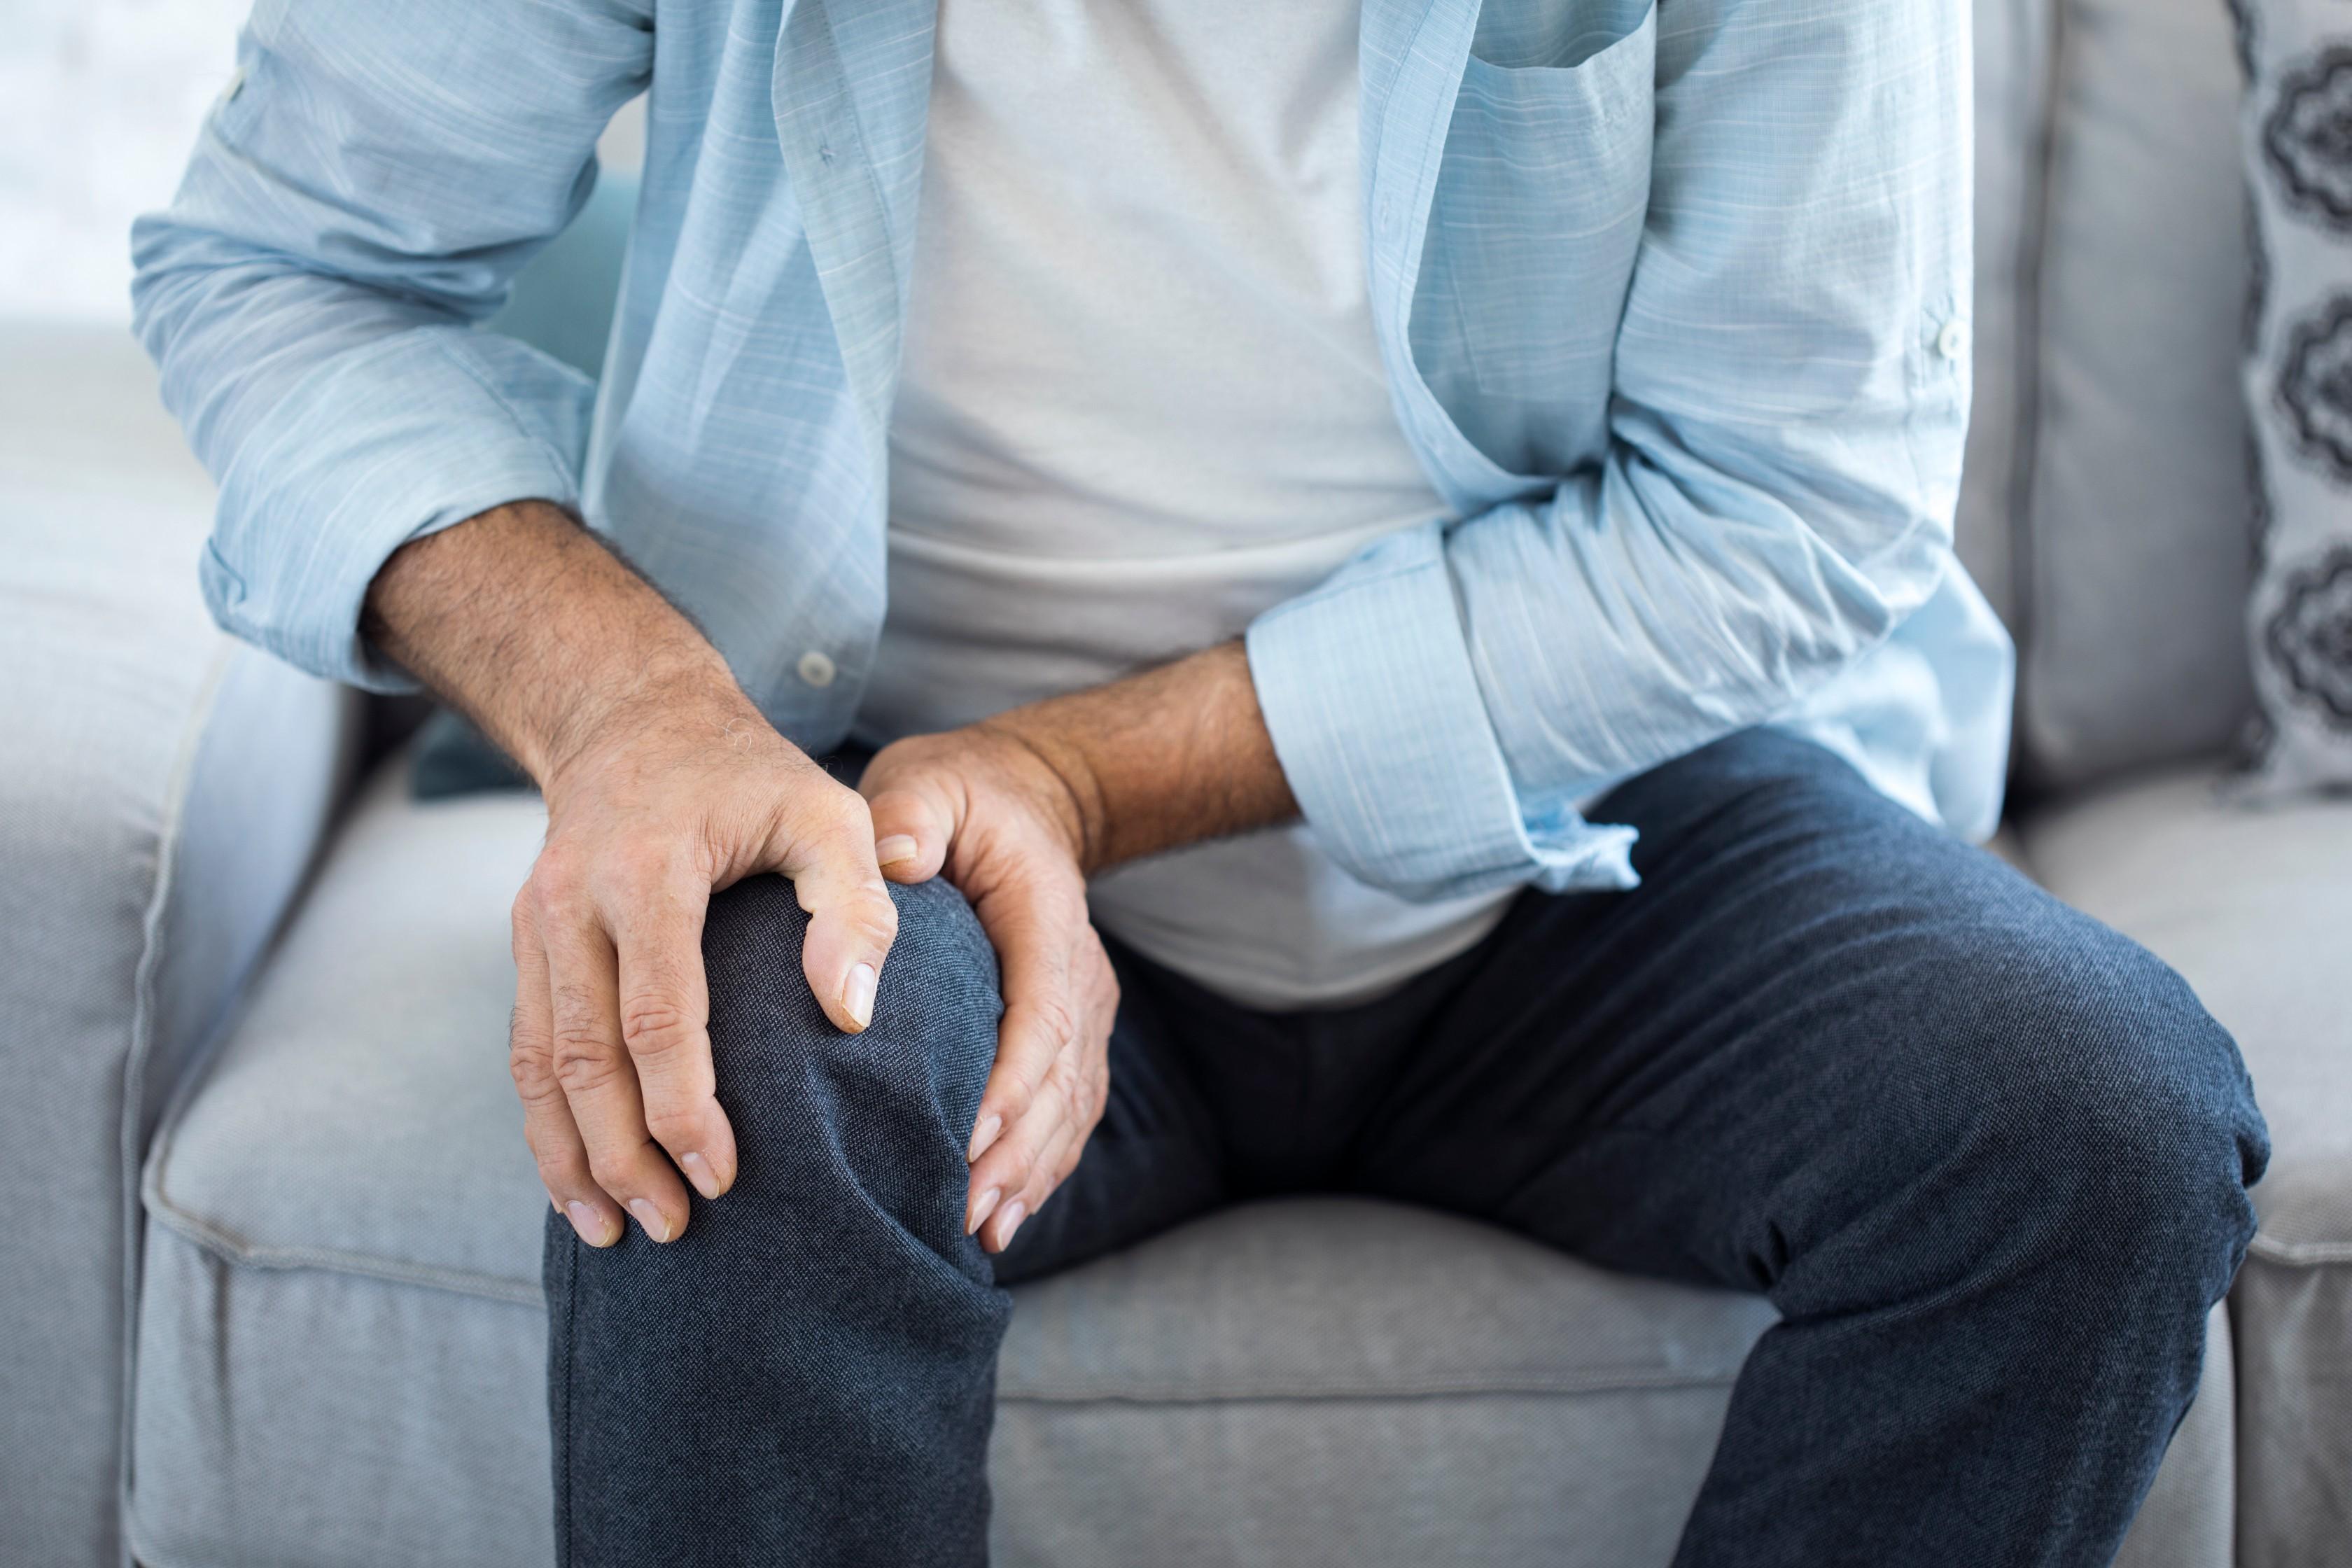 segít-e a nanoplaszt ízületi fájdalmak esetén közös készítmények idős emberek számára